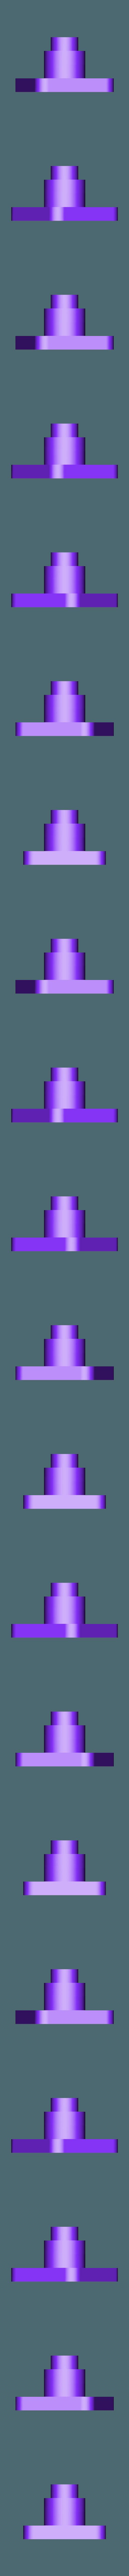 MODEL20.stl Télécharger fichier STL gratuit Exemple de dessin technique 20 • Design à imprimer en 3D, murbay52